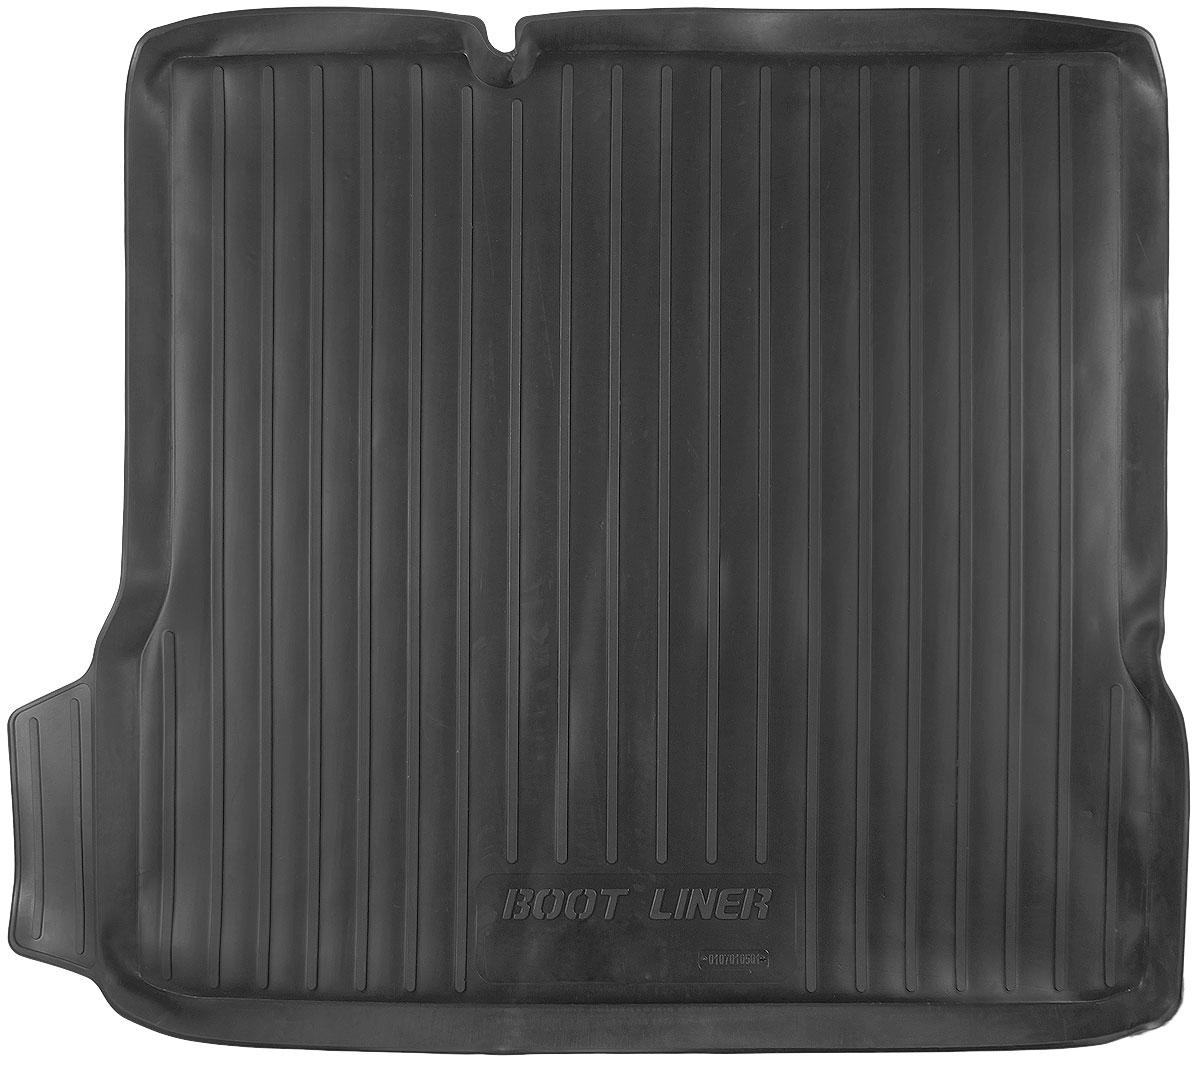 Коврик в багажник L.Locker, для Chevrolet Aveo II sd (12-)FA-5125-1 BlueКоврик L.Locker производится индивидуально для каждой модели автомобиля из современного и экологически чистого материала. Изделие точно повторяет геометрию пола автомобиля, имеет высокий борт, обладает повышенной износоустойчивостью, антискользящими свойствами, лишен резкого запаха и сохраняет свои потребительские свойства в широком диапазоне температур (от -50°С до +80°С).